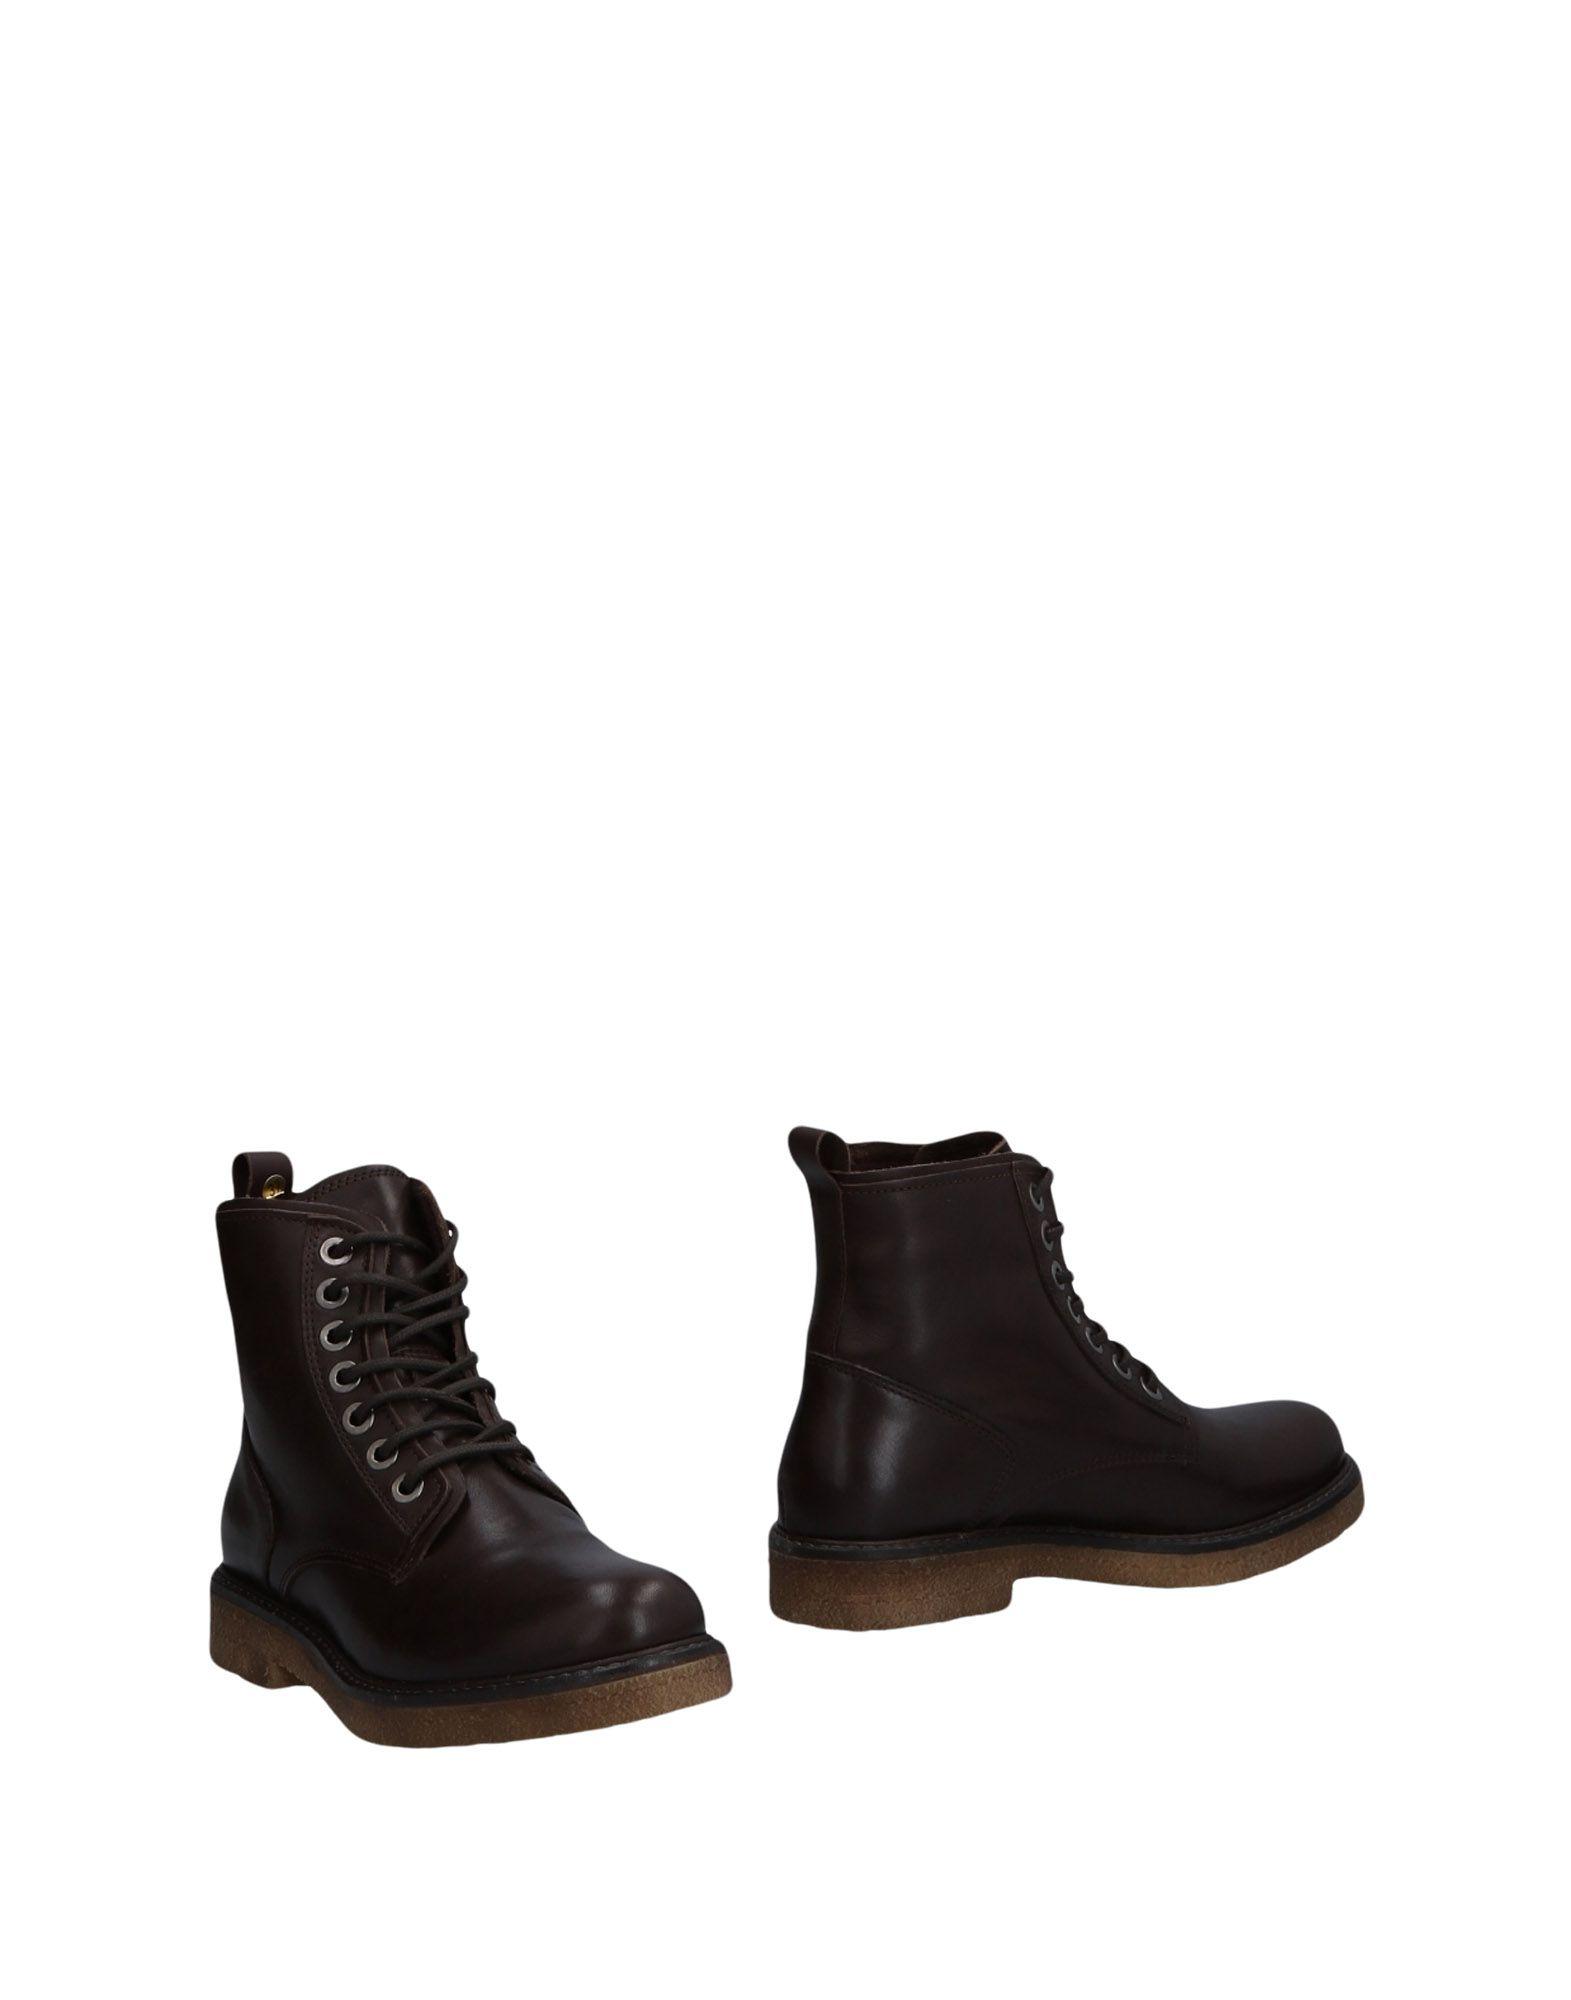 Mally Stiefelette Damen  11473049RS Gute Qualität beliebte Schuhe